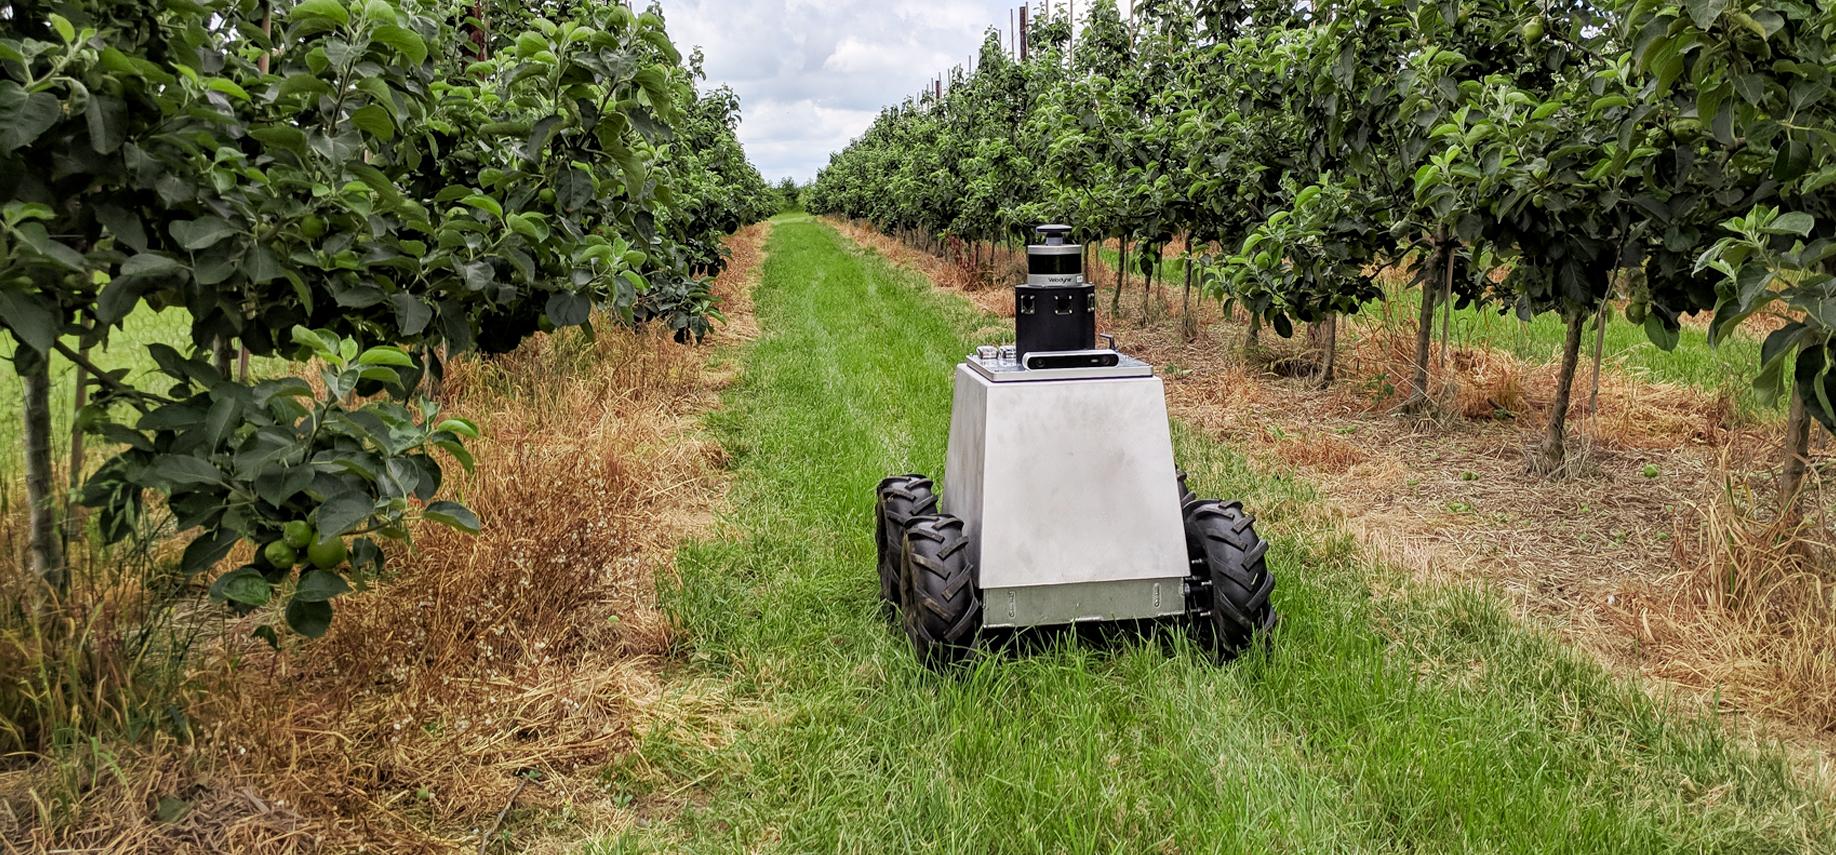 AI Powered Robot for Autonomous Crop Management